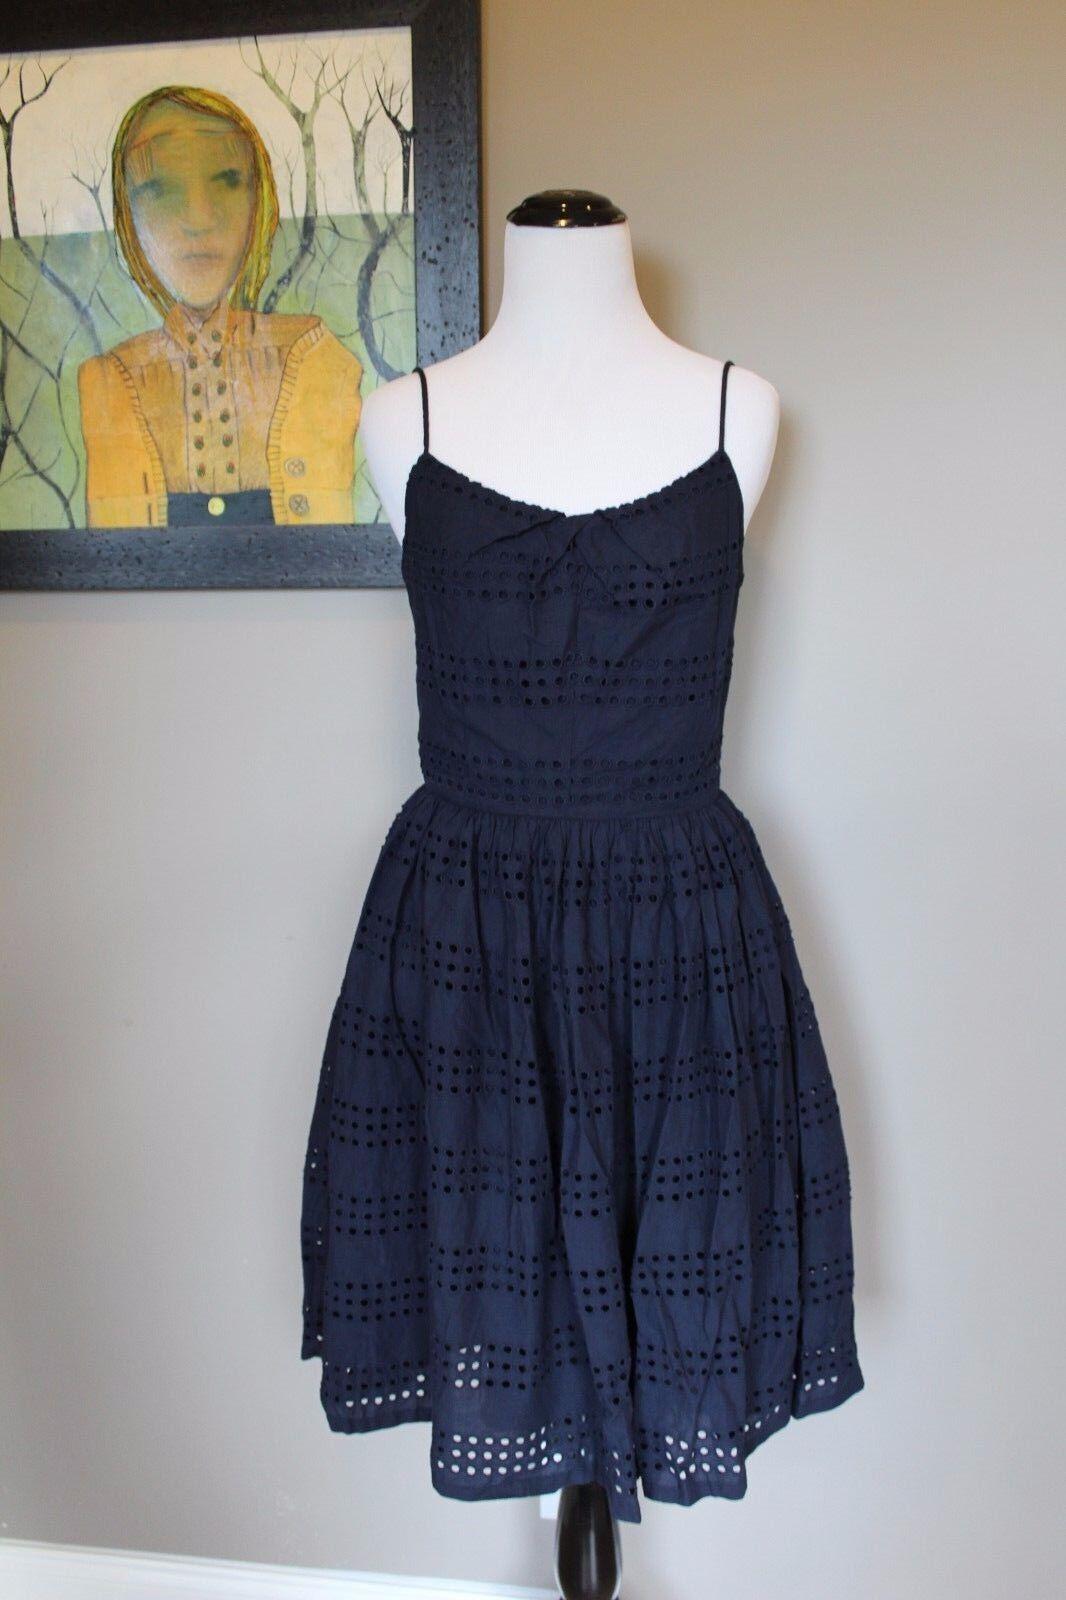 NWT J Crew Eyelet Stripe Dress in NAVY Sz 0 Extra Small XS A6588